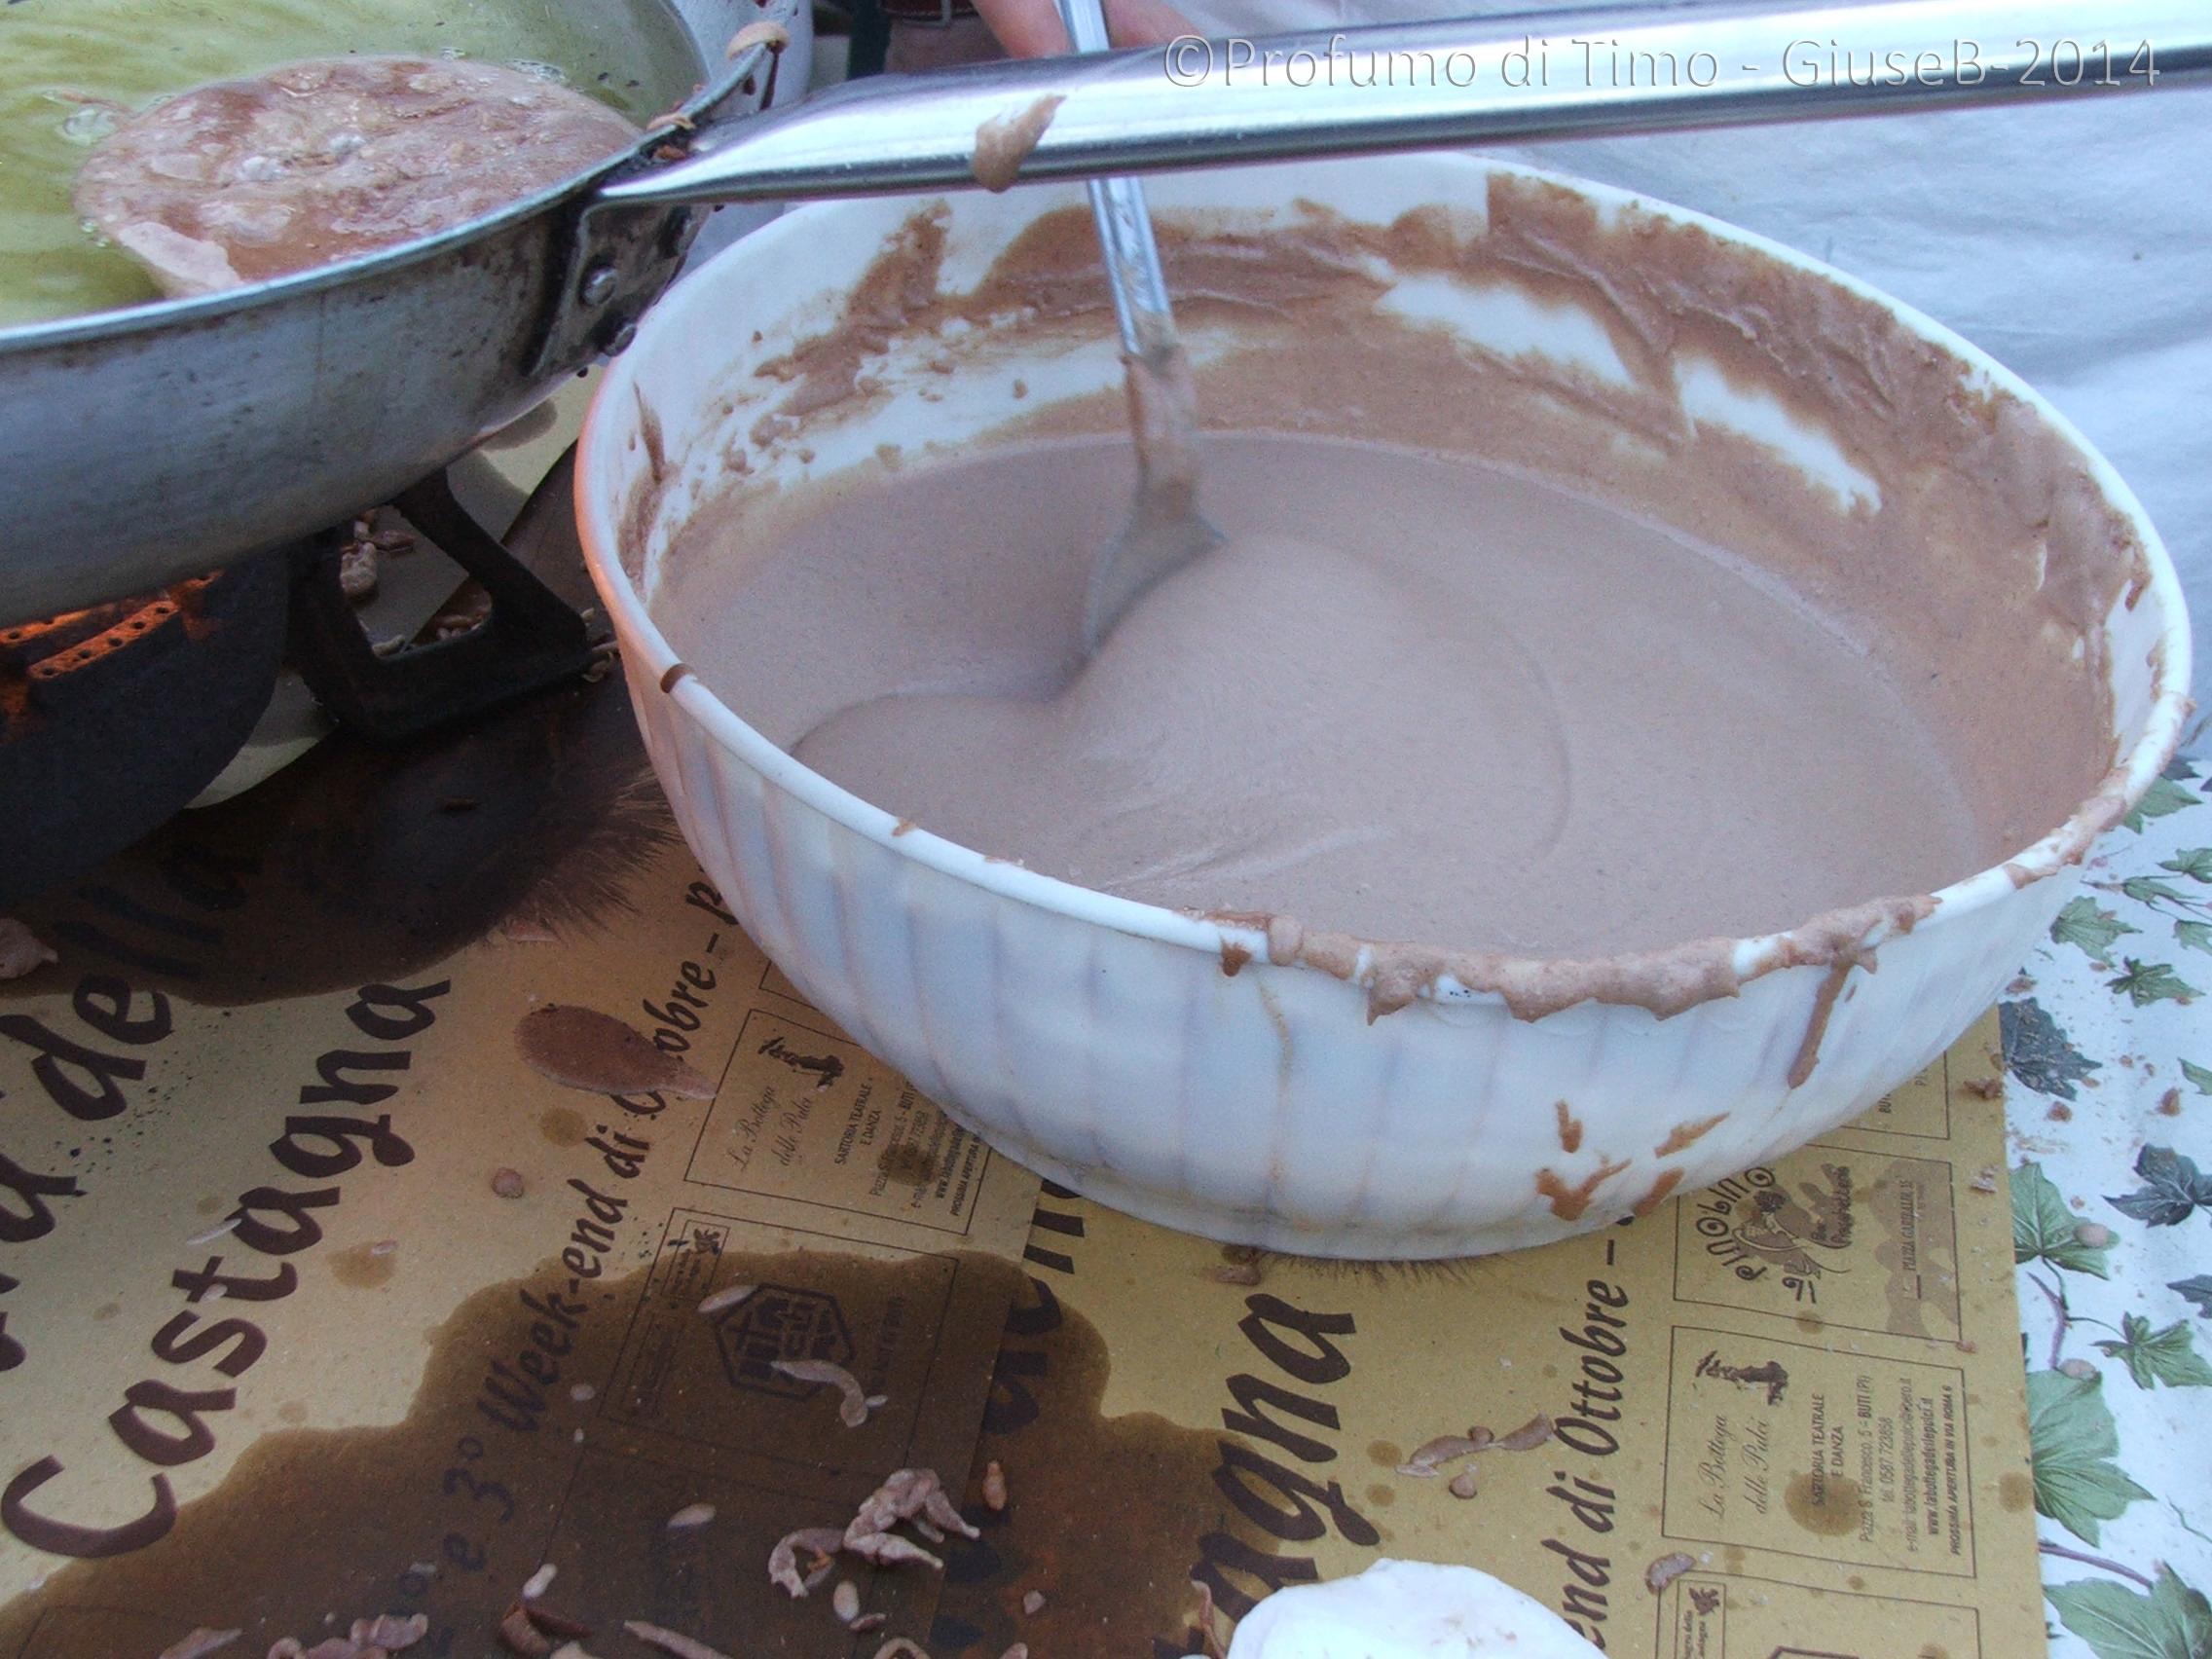 frittelle e cialde di neccio della tradizione butese  (6)